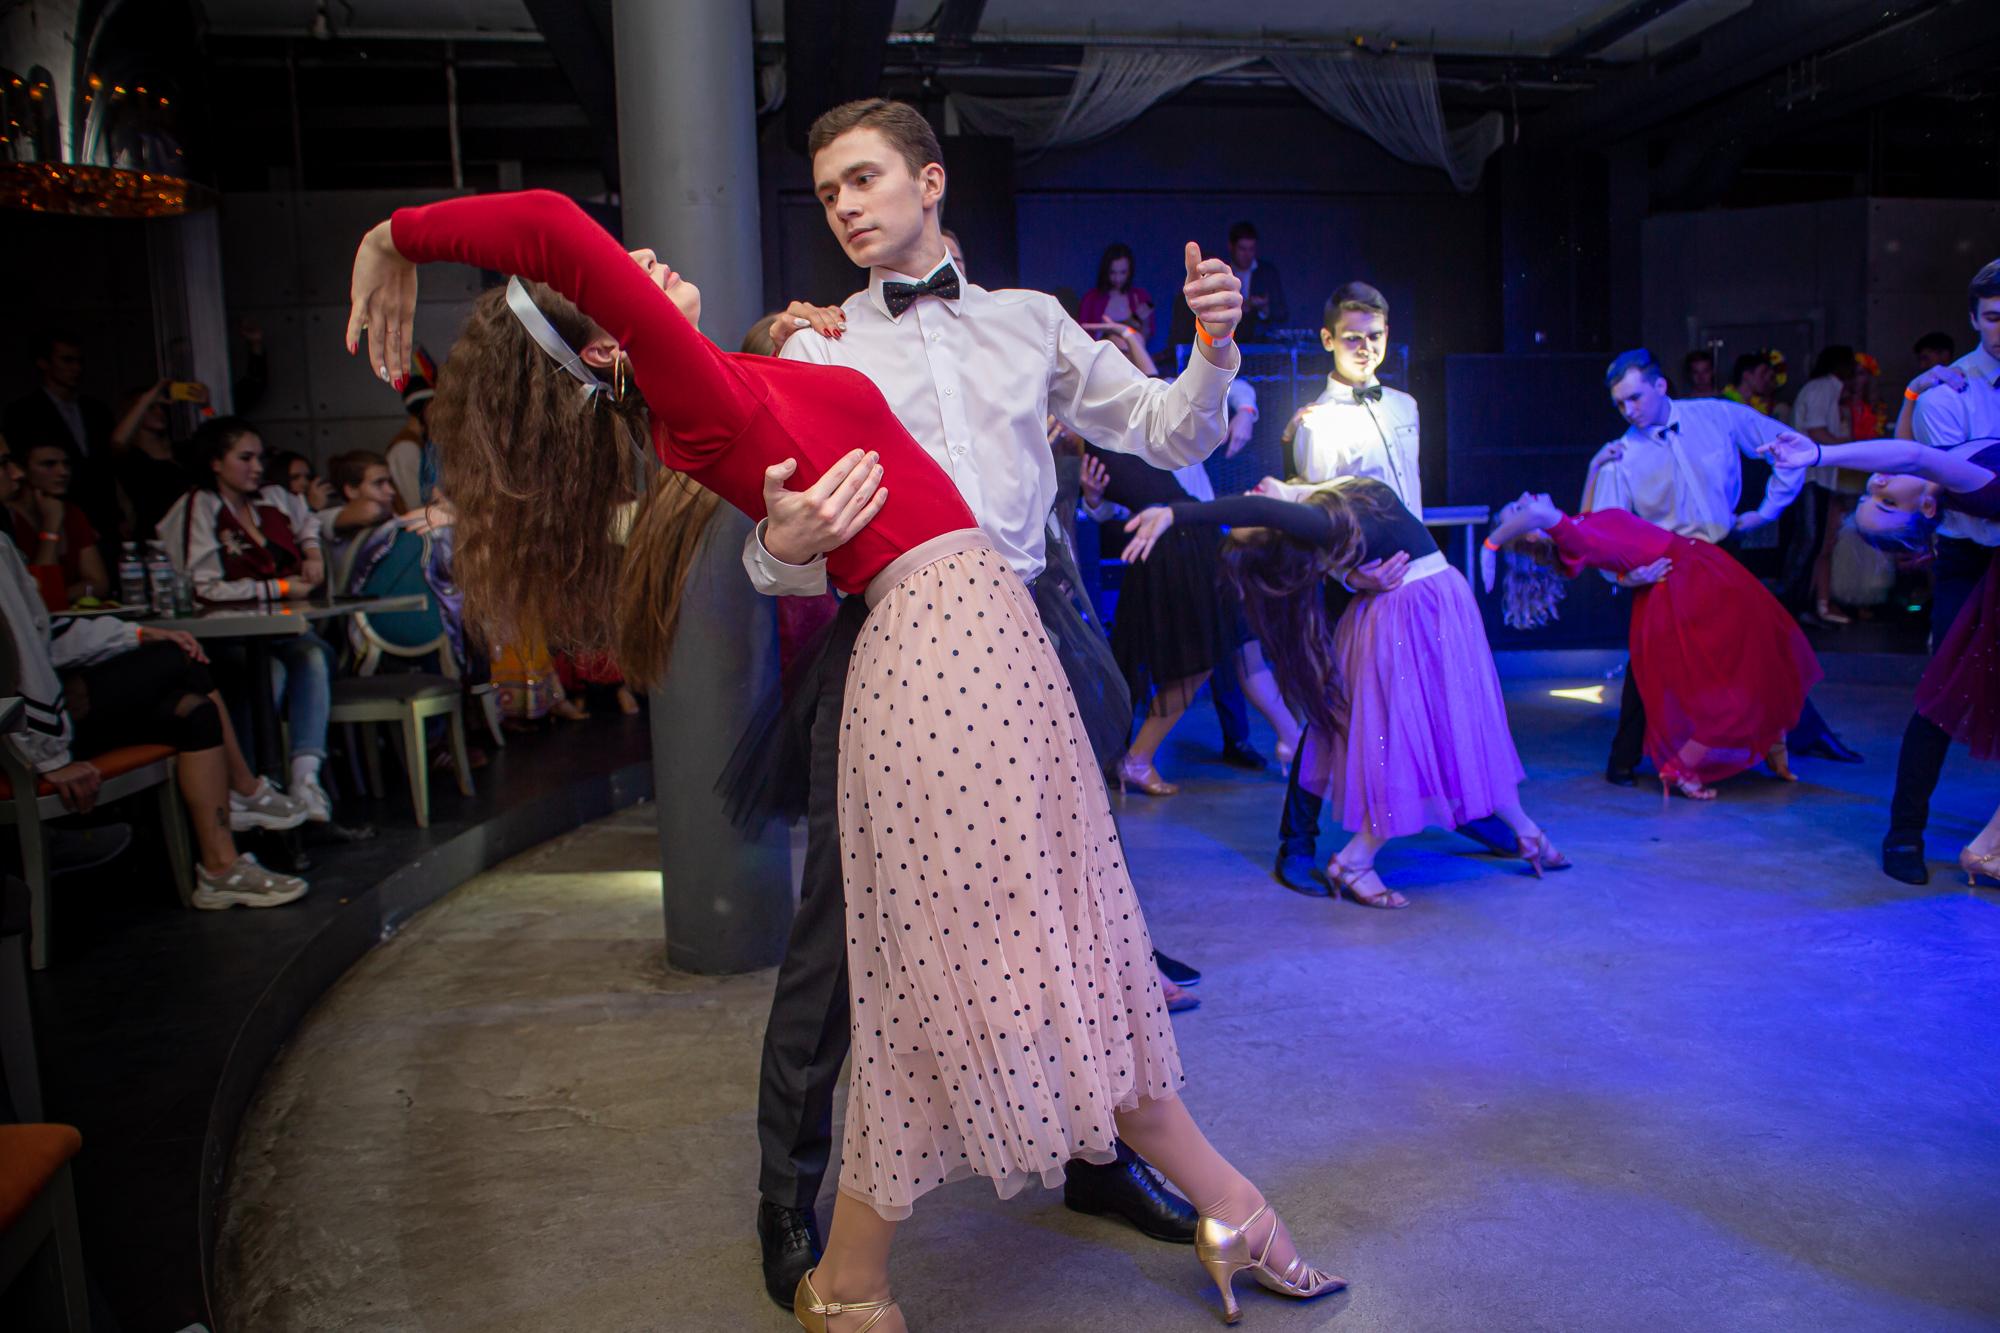 Розпочався бал танцювальною «візитівкою»